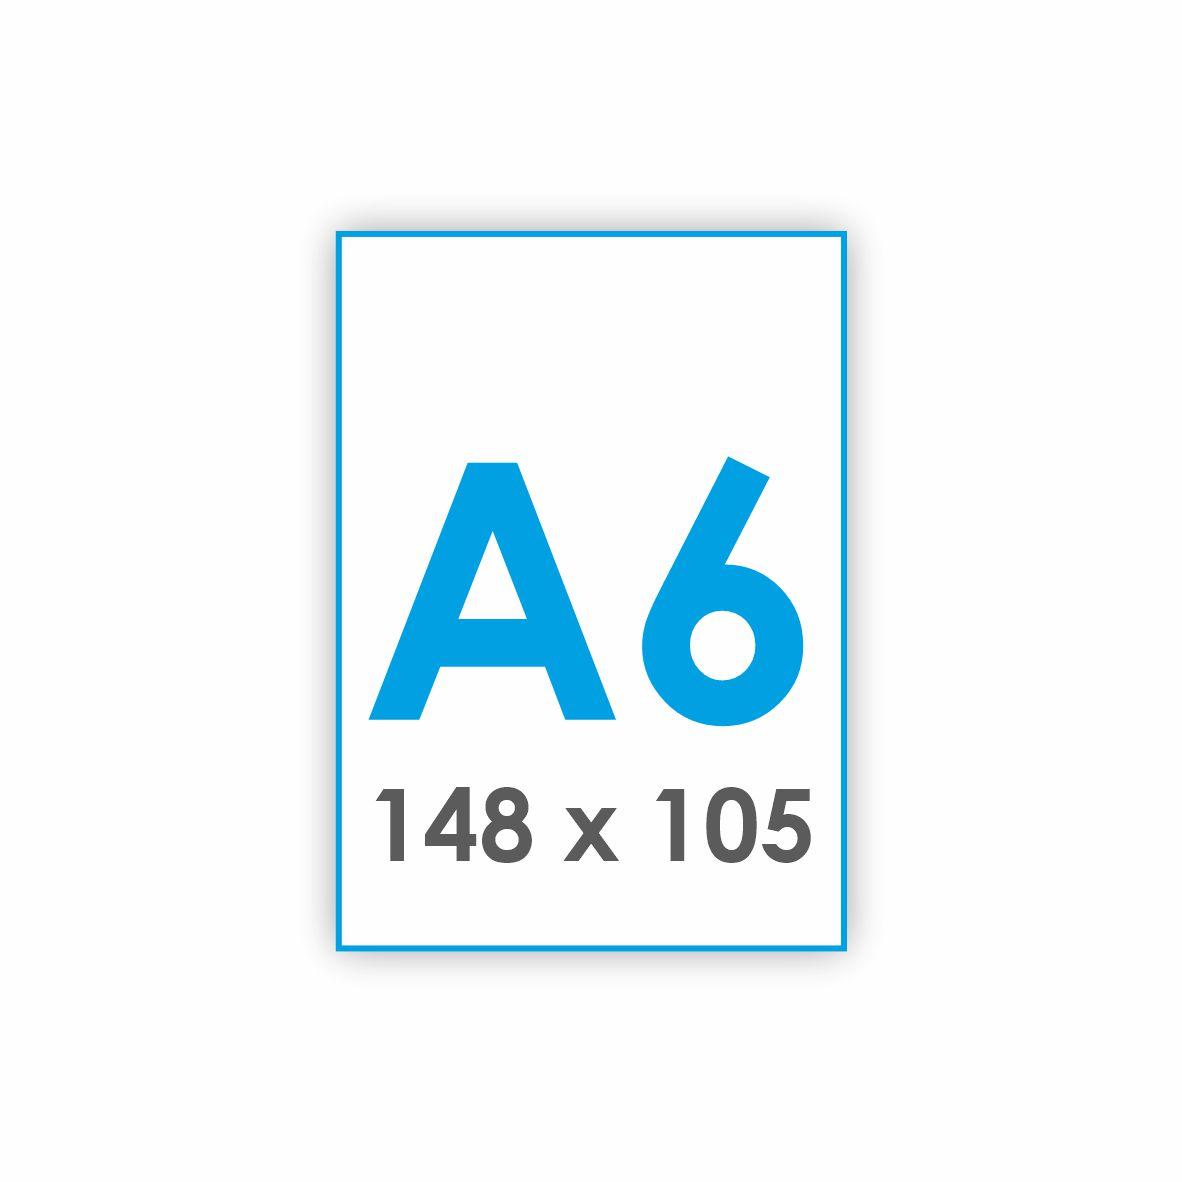 A6 - 148 x 105 mm